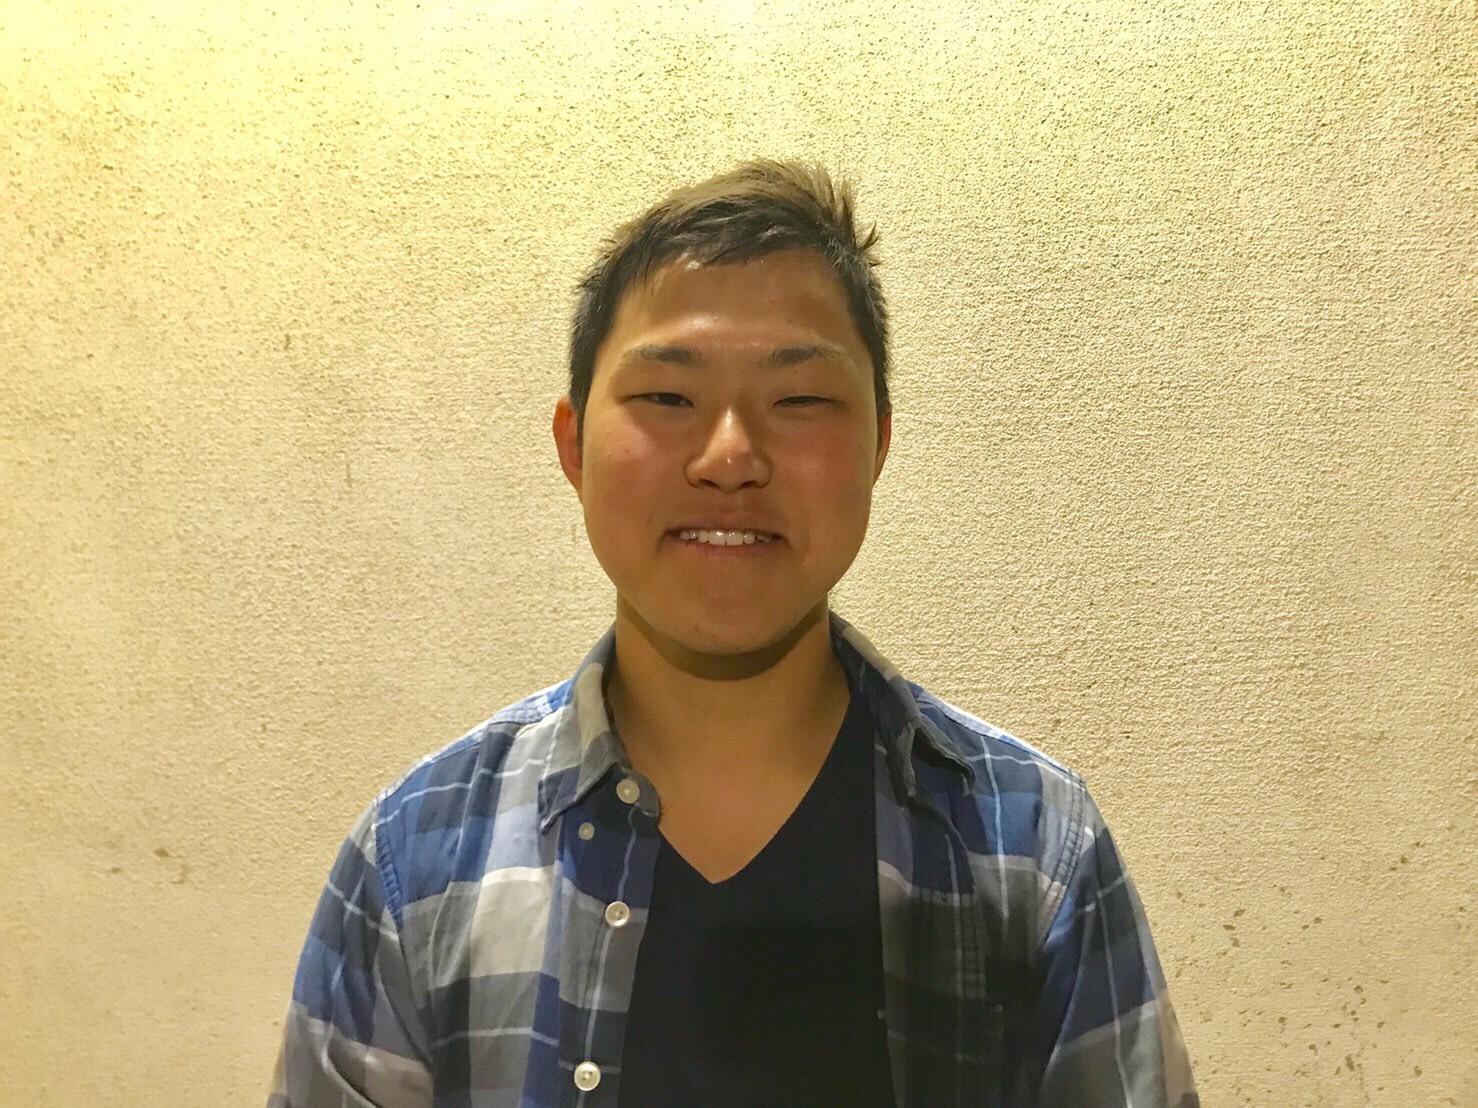 大阪体育大学戦MIP/フレッシュマン紹介④_e0137649_16315716.jpg